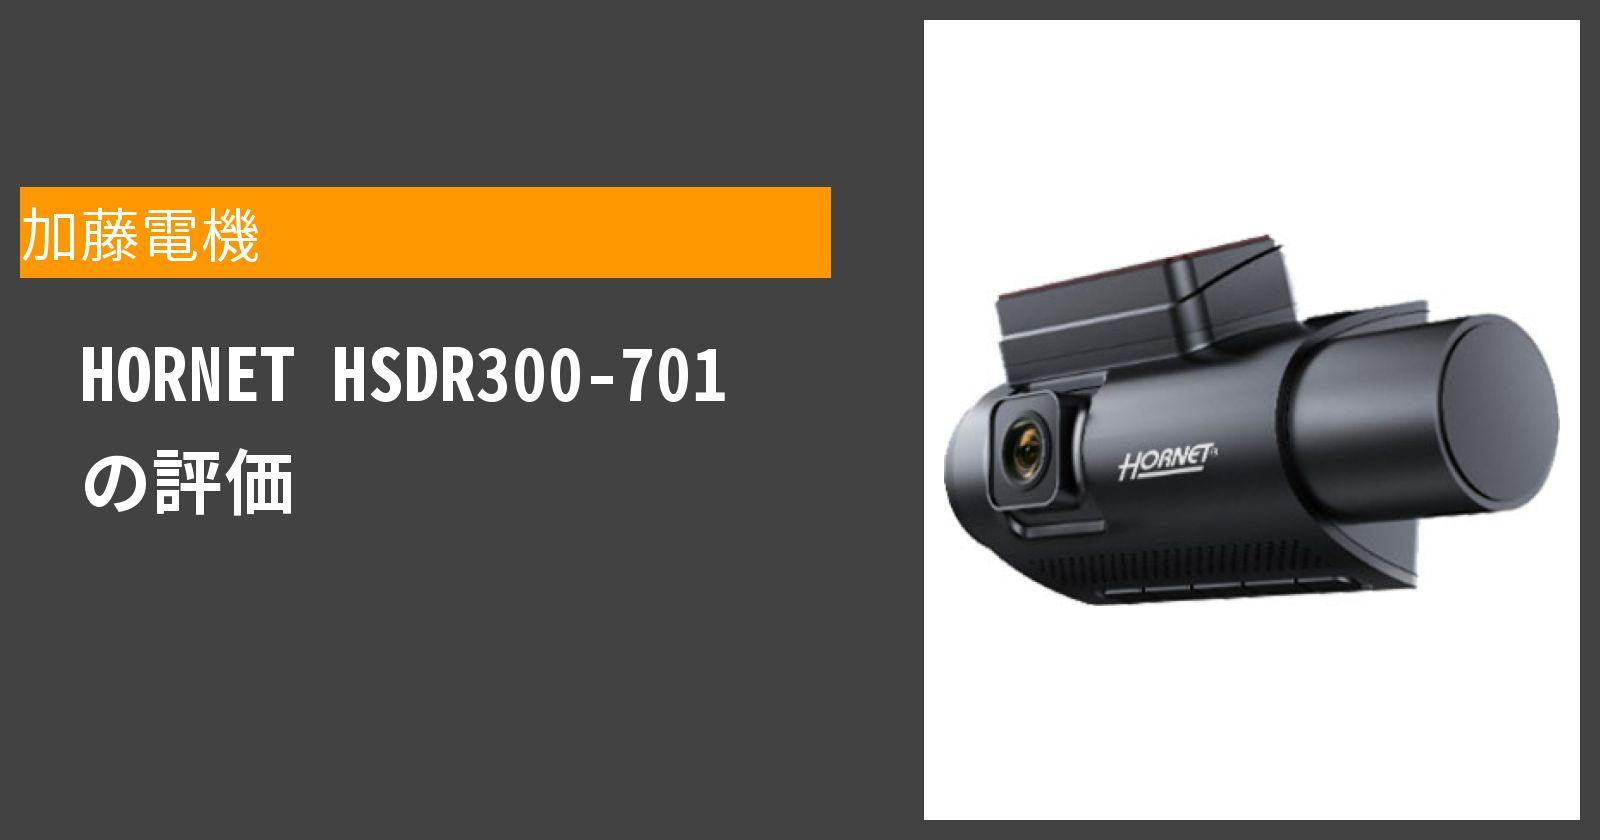 HORNET HSDR300-701を徹底評価